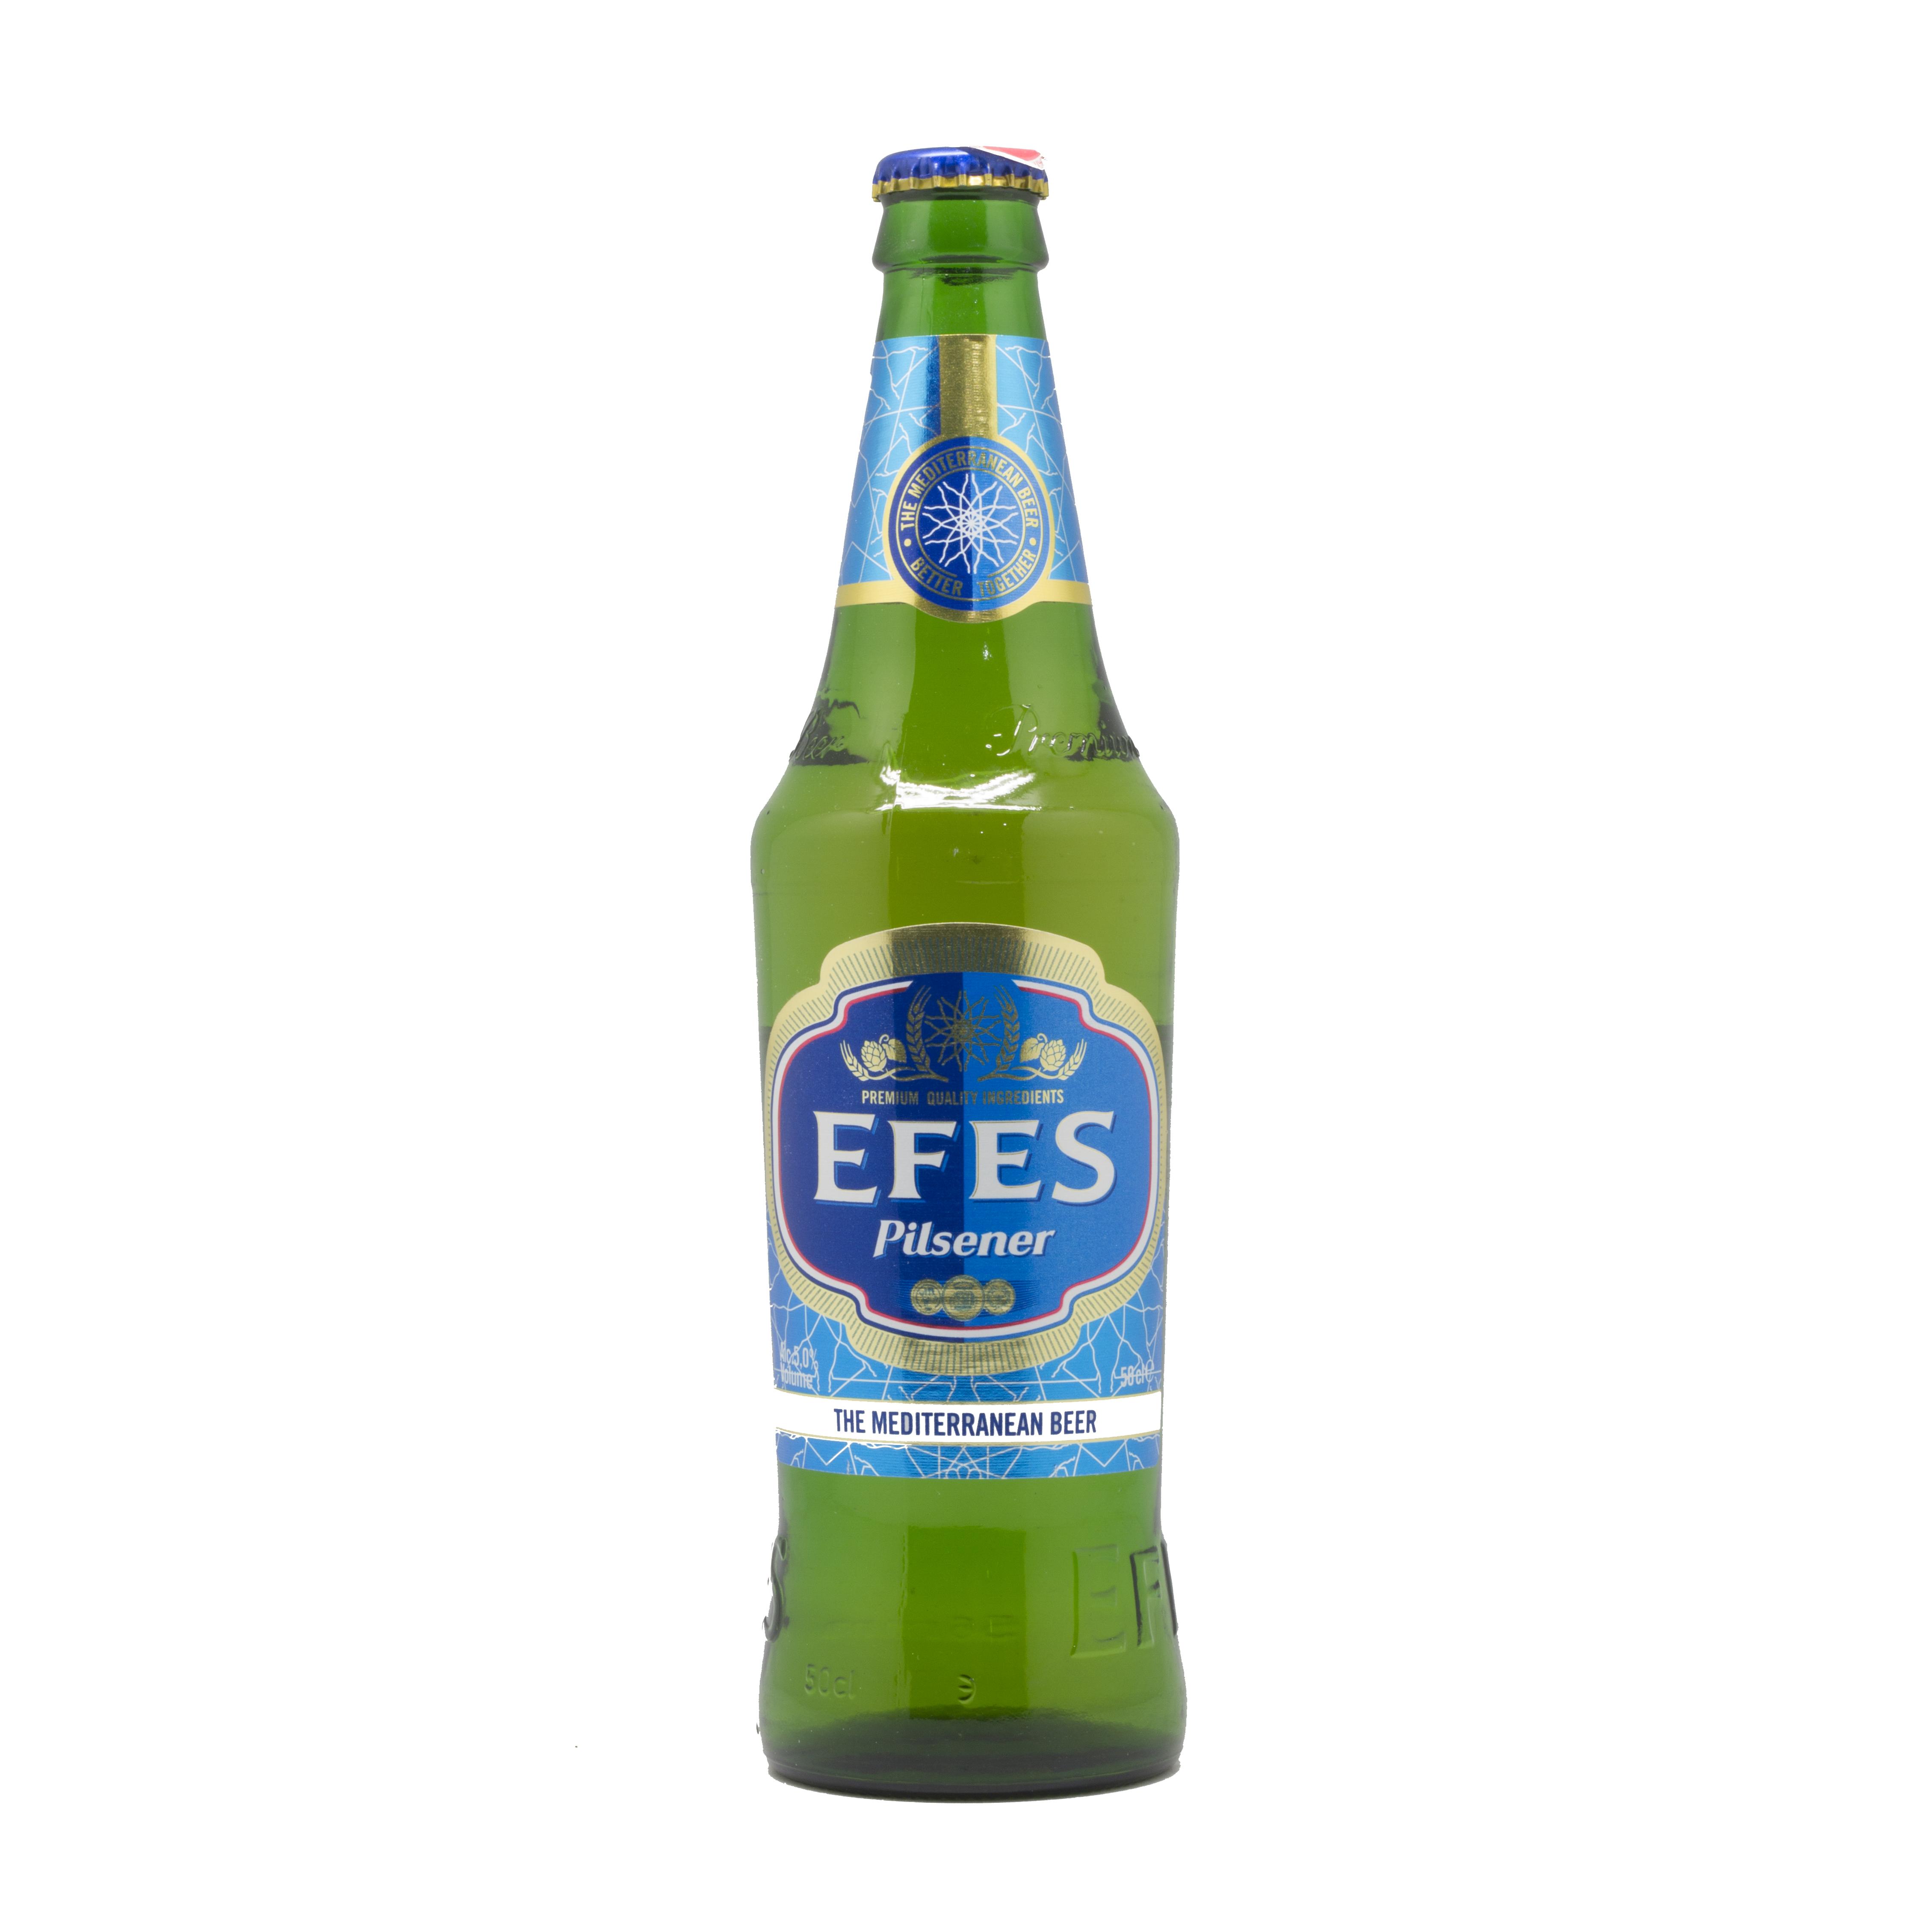 ლუდი ეფესი 0.5 ლ. ბოთლი